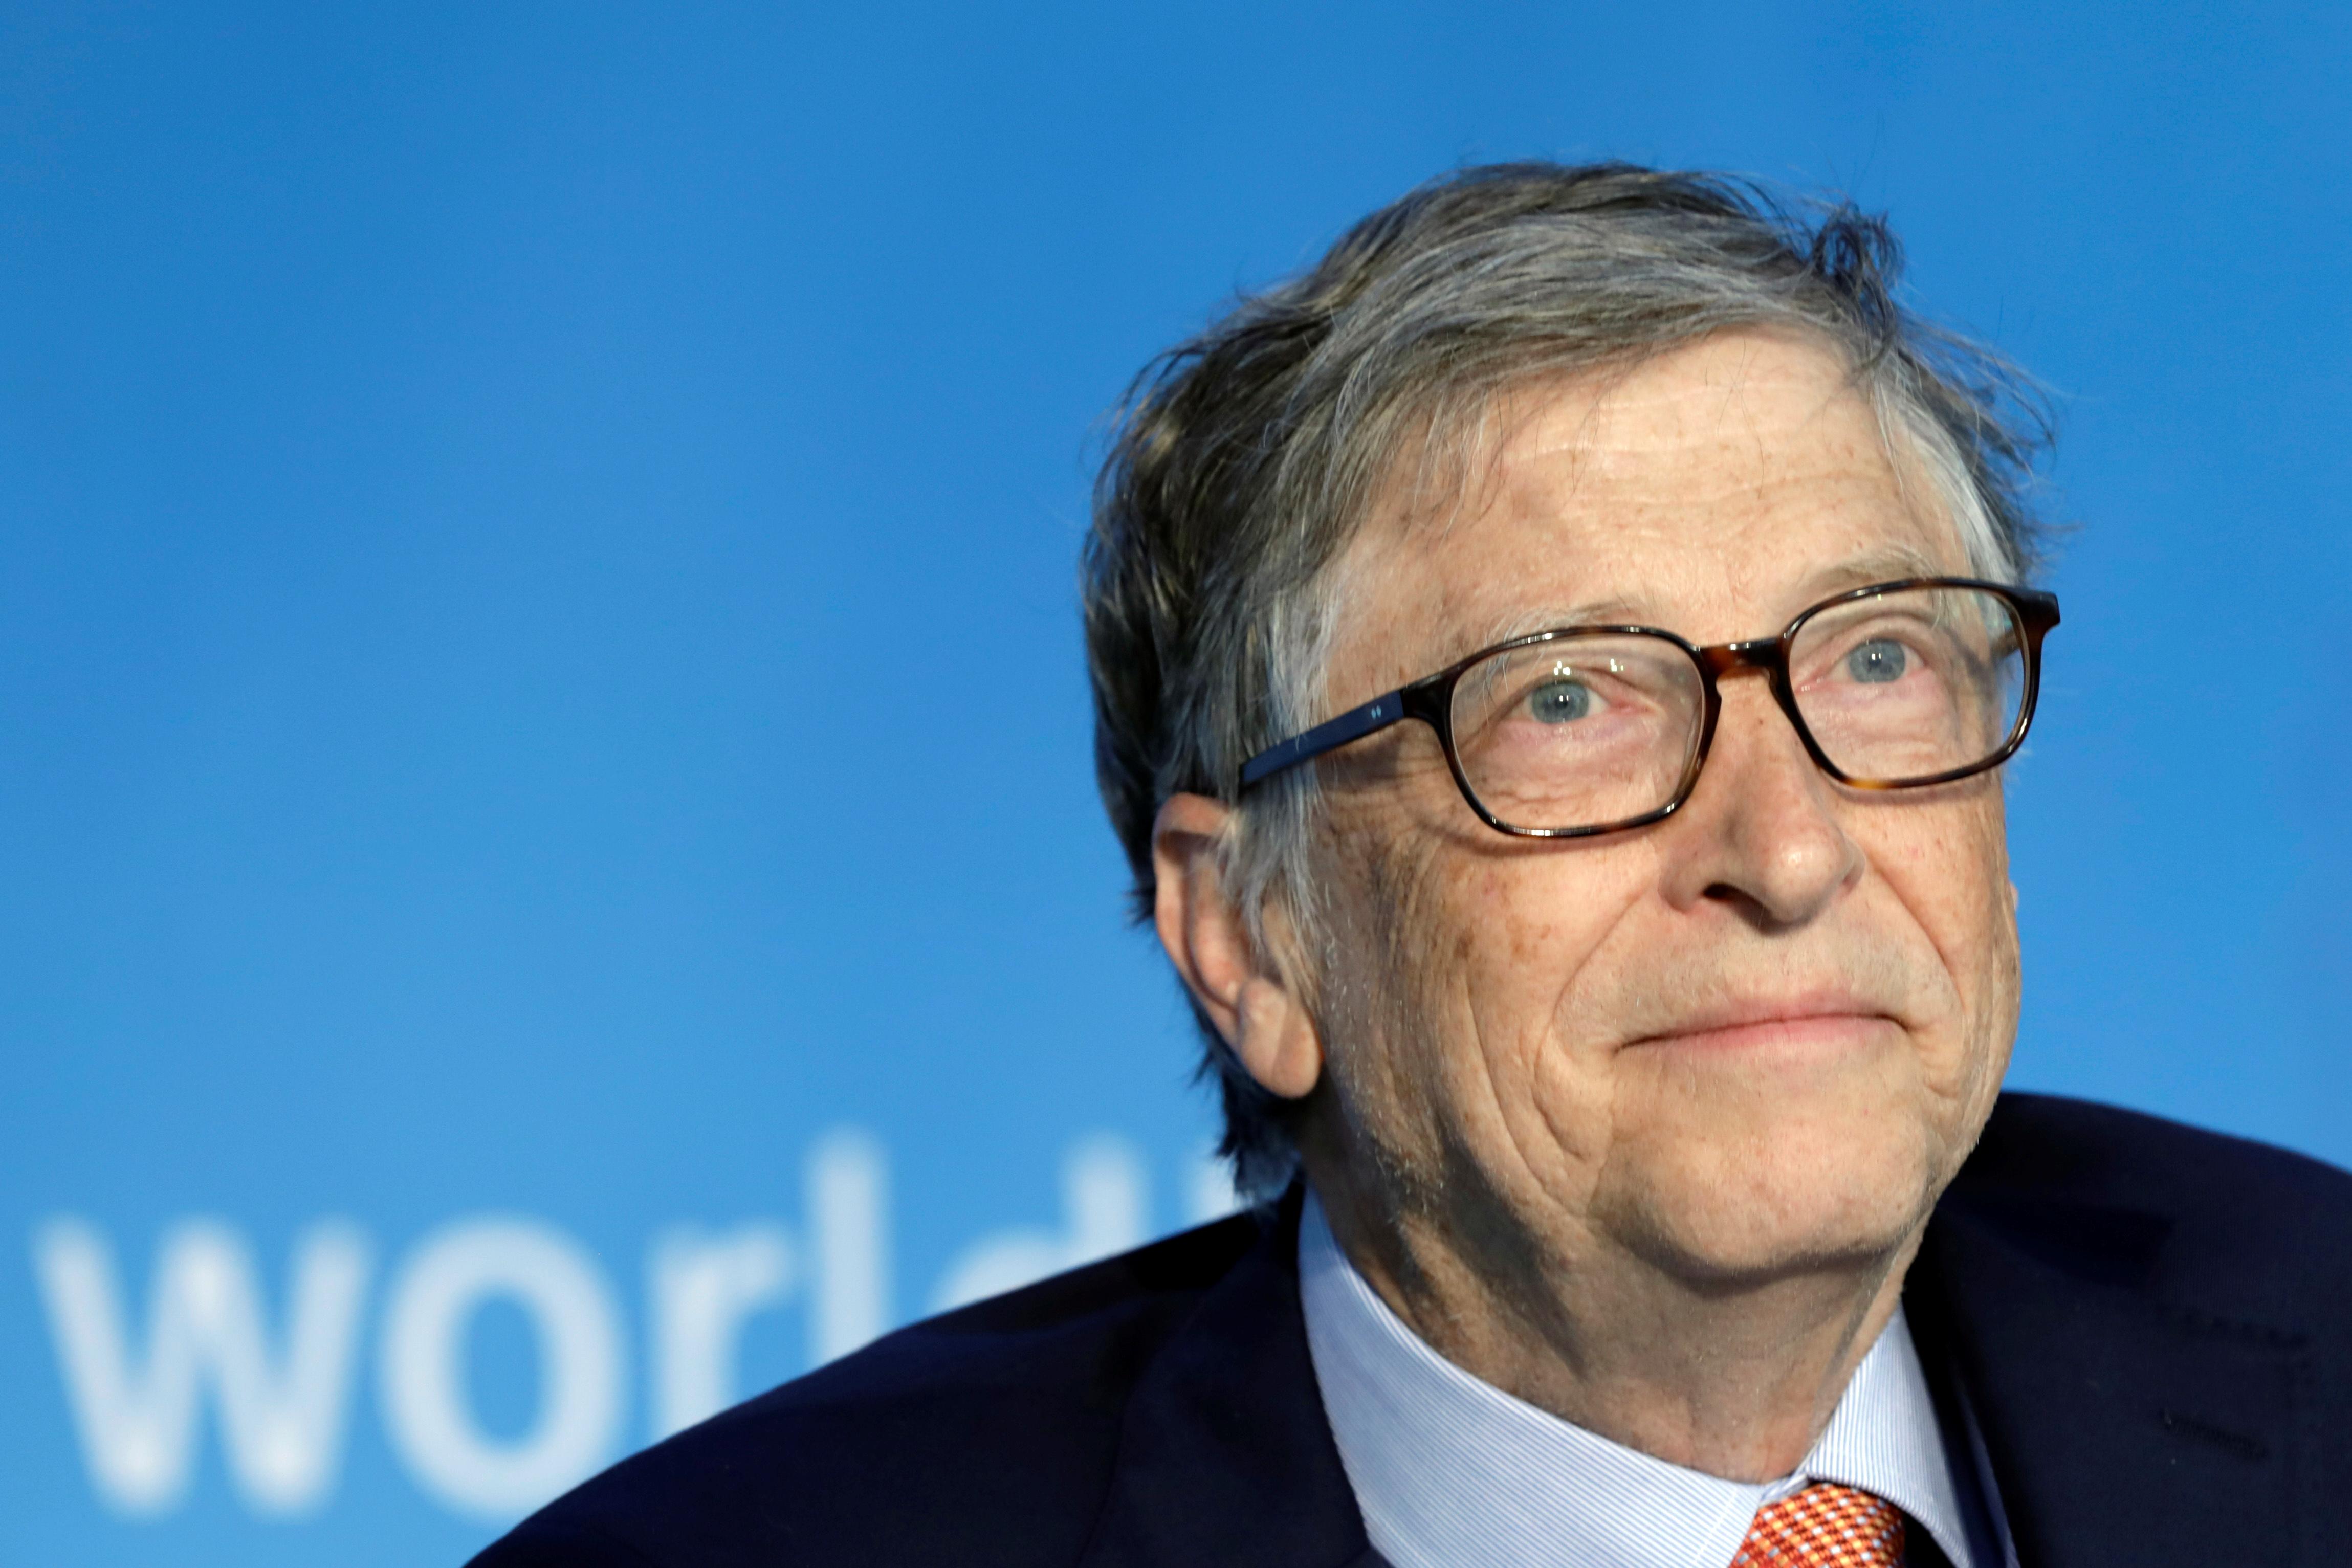 Tỷ phú thuộc top 10 giàu nhất thế giới đều đang sở hữu tài sản trên 100 tỷ USD - Ảnh 7